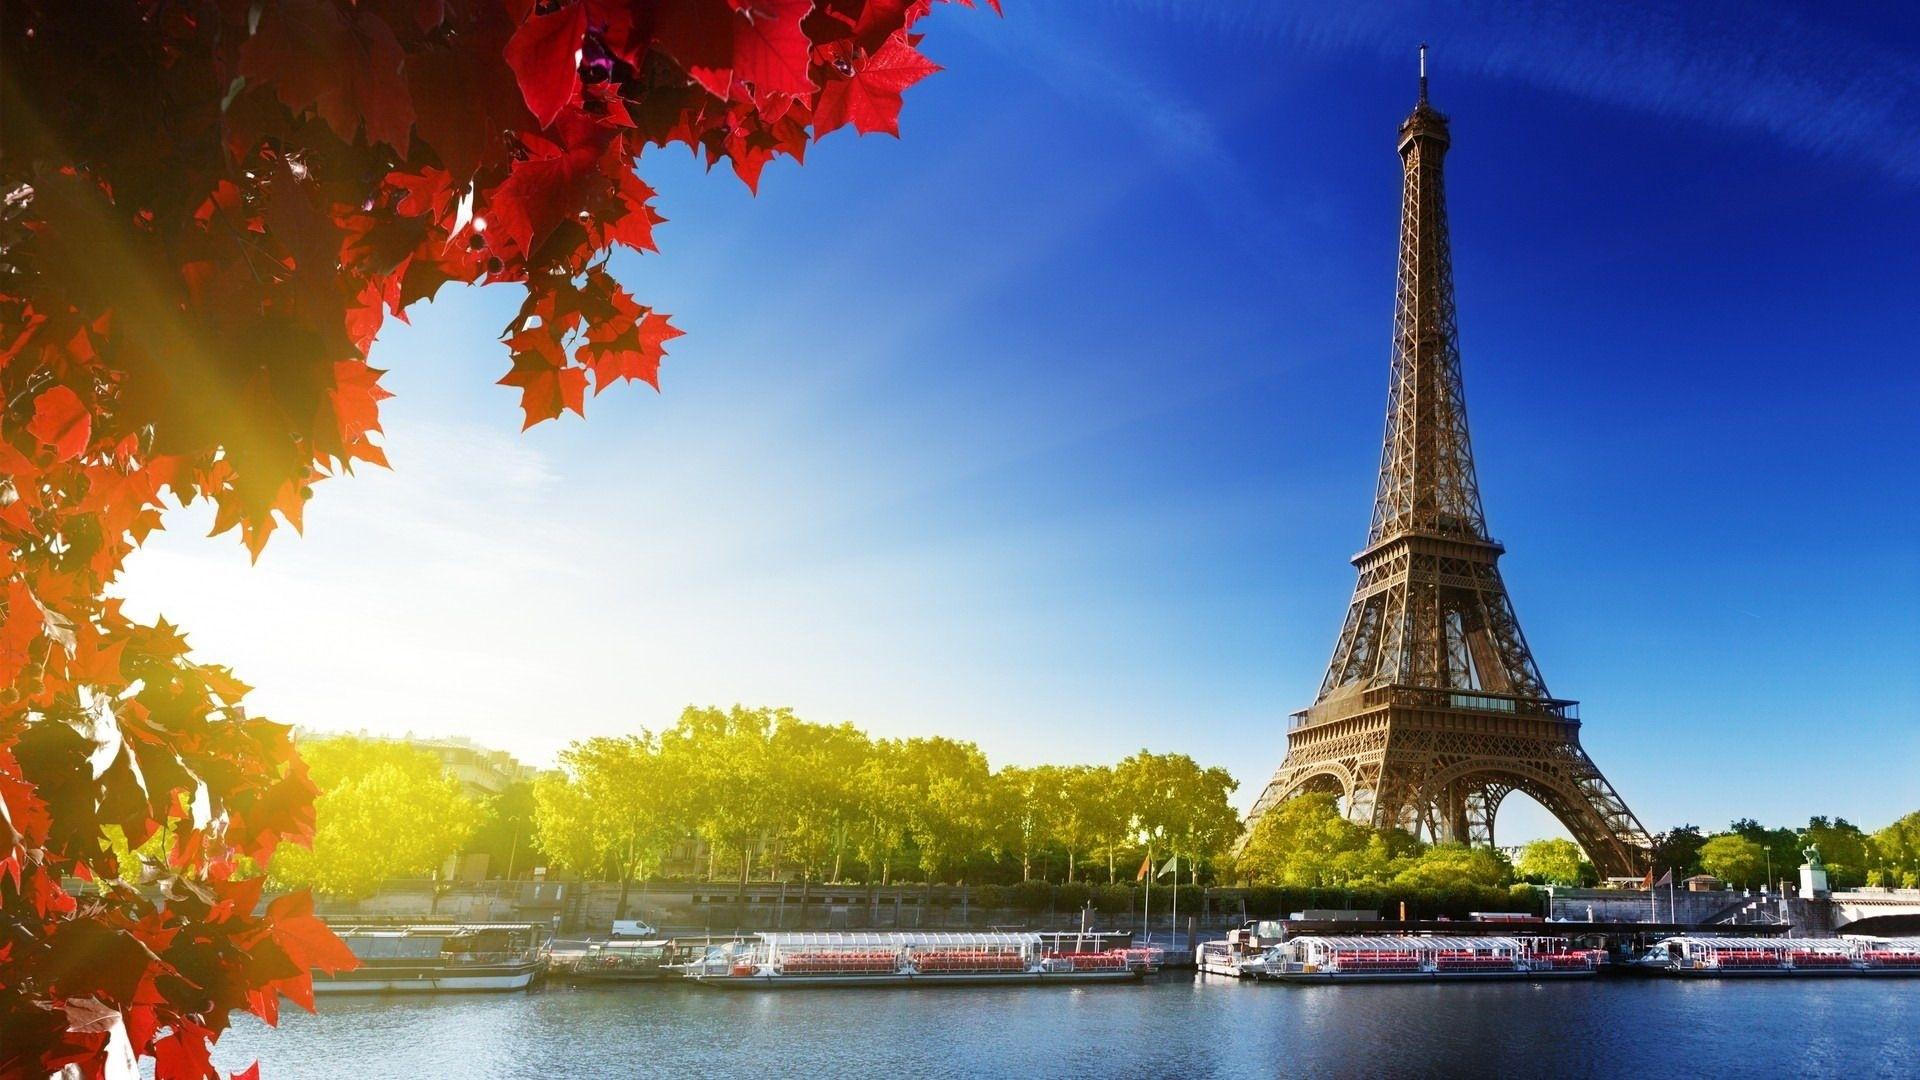 Eiffel Tower HD Wallpaper